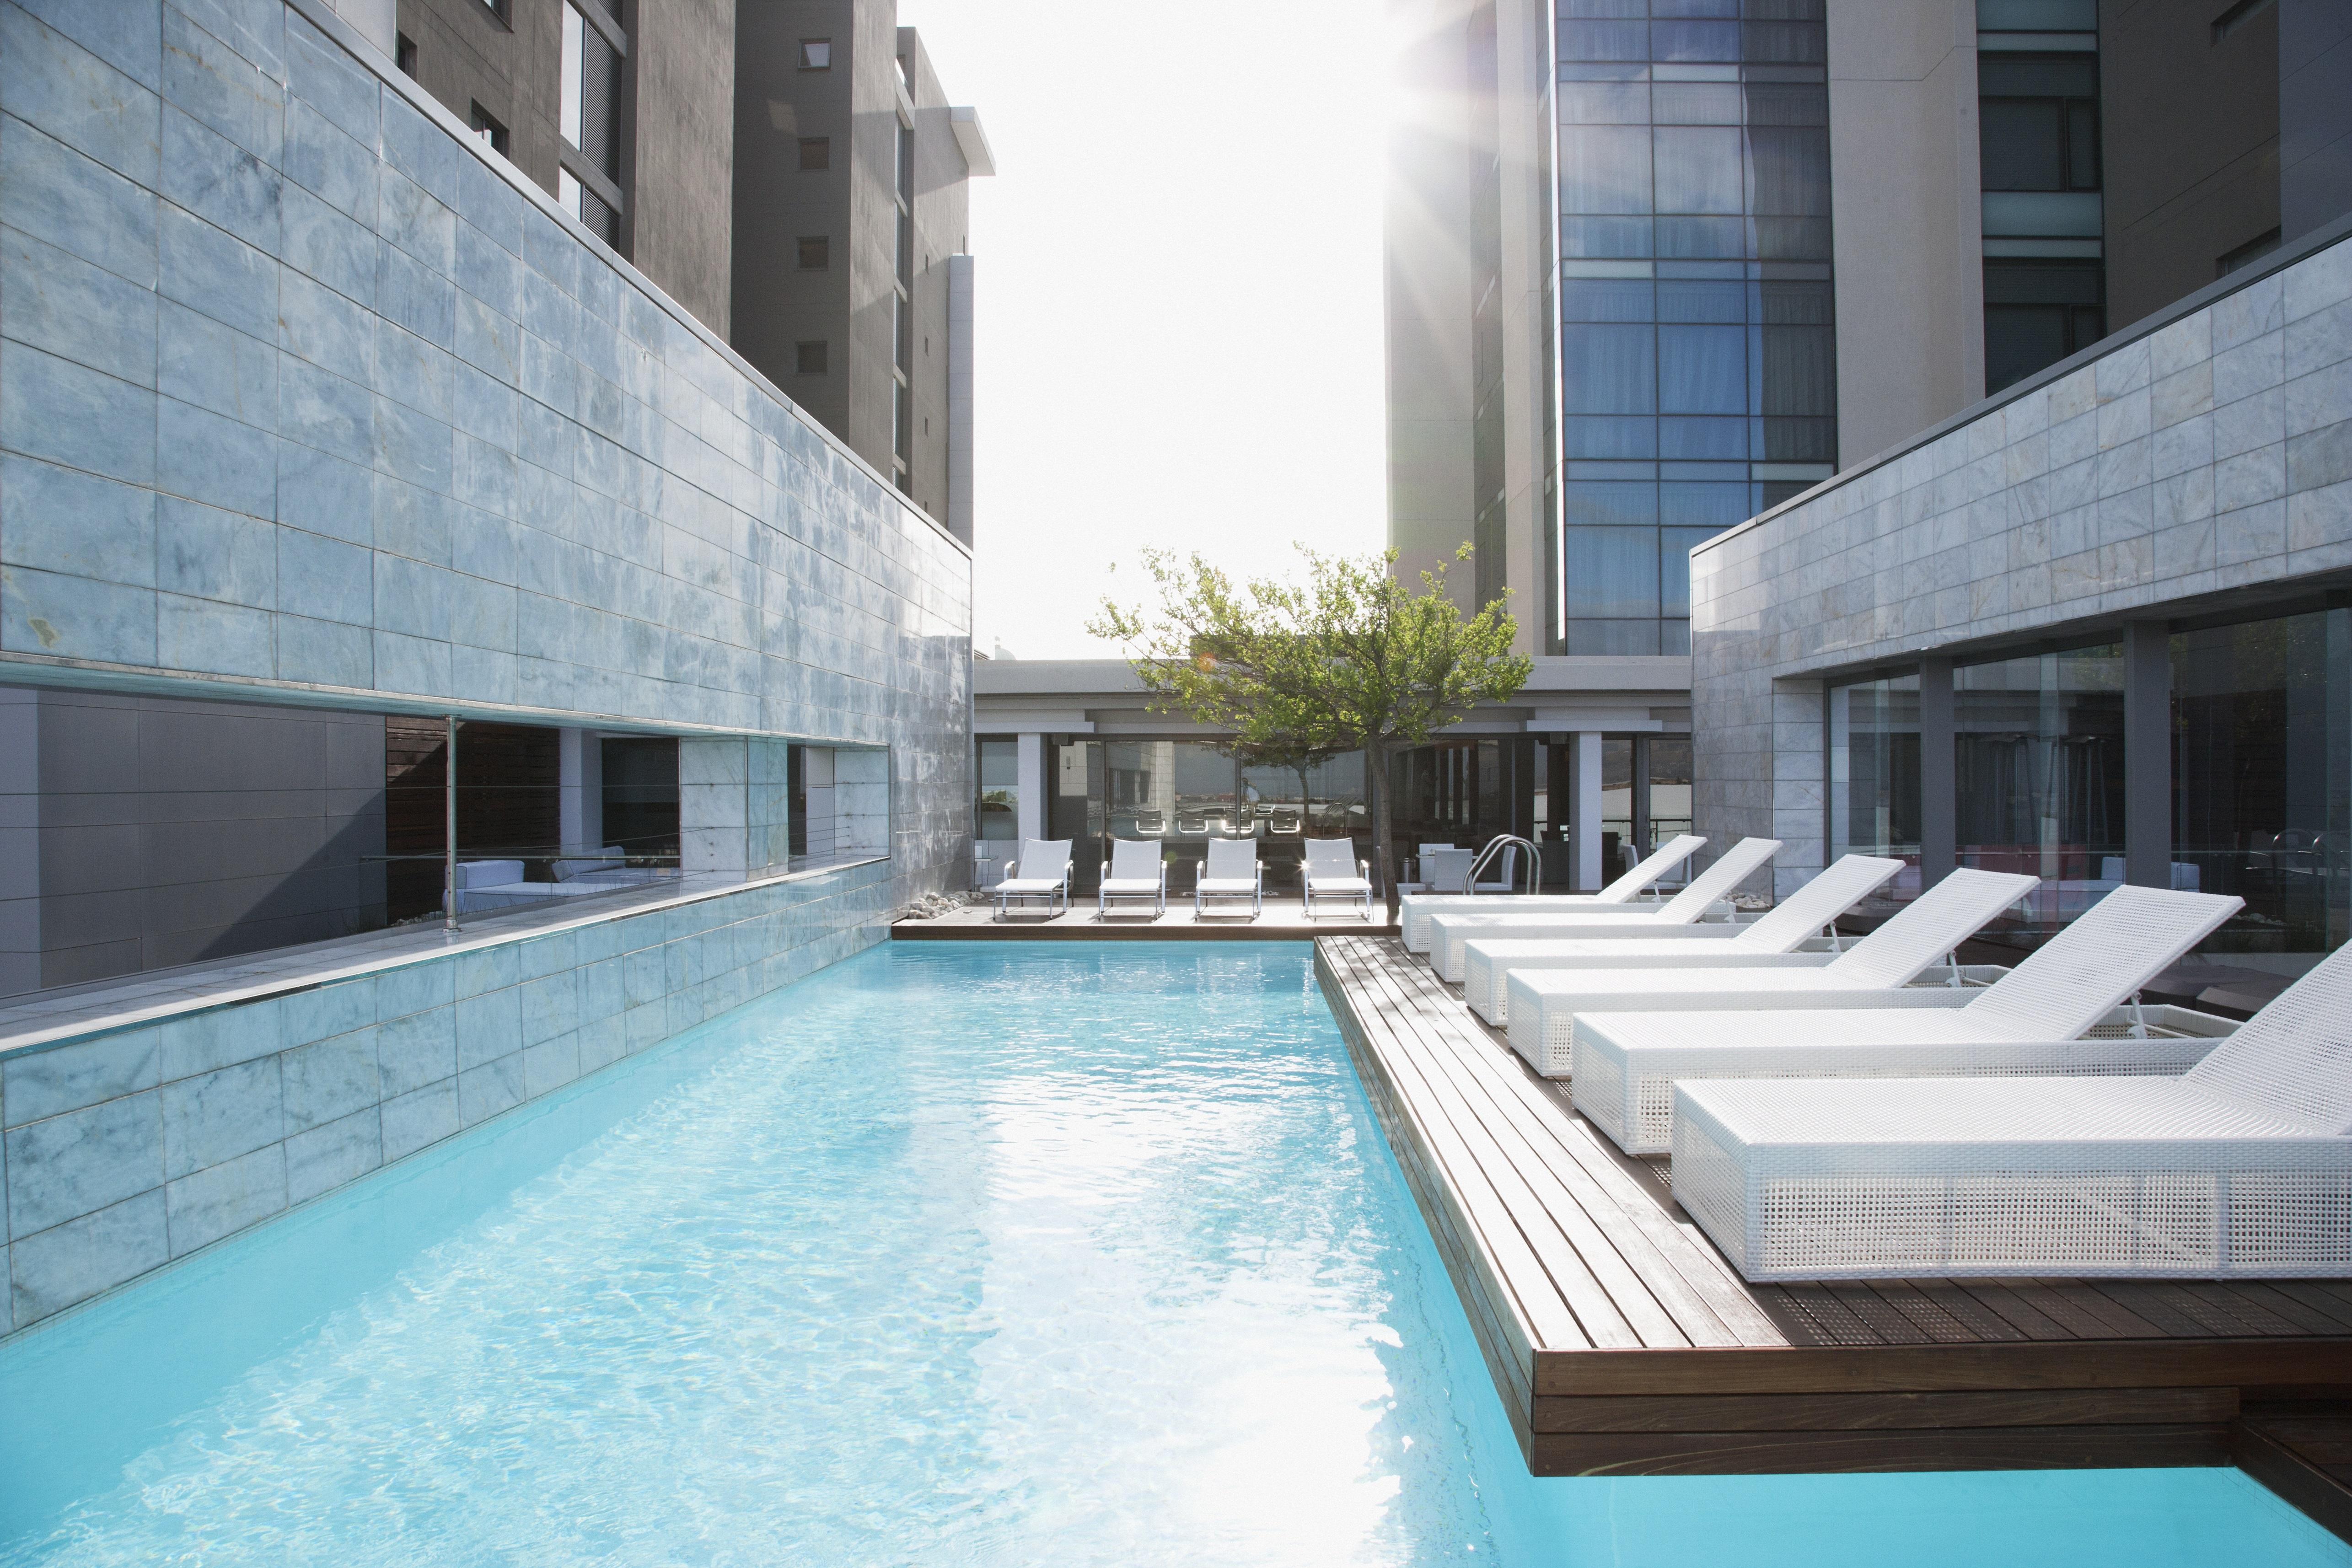 Hotel leisure pool